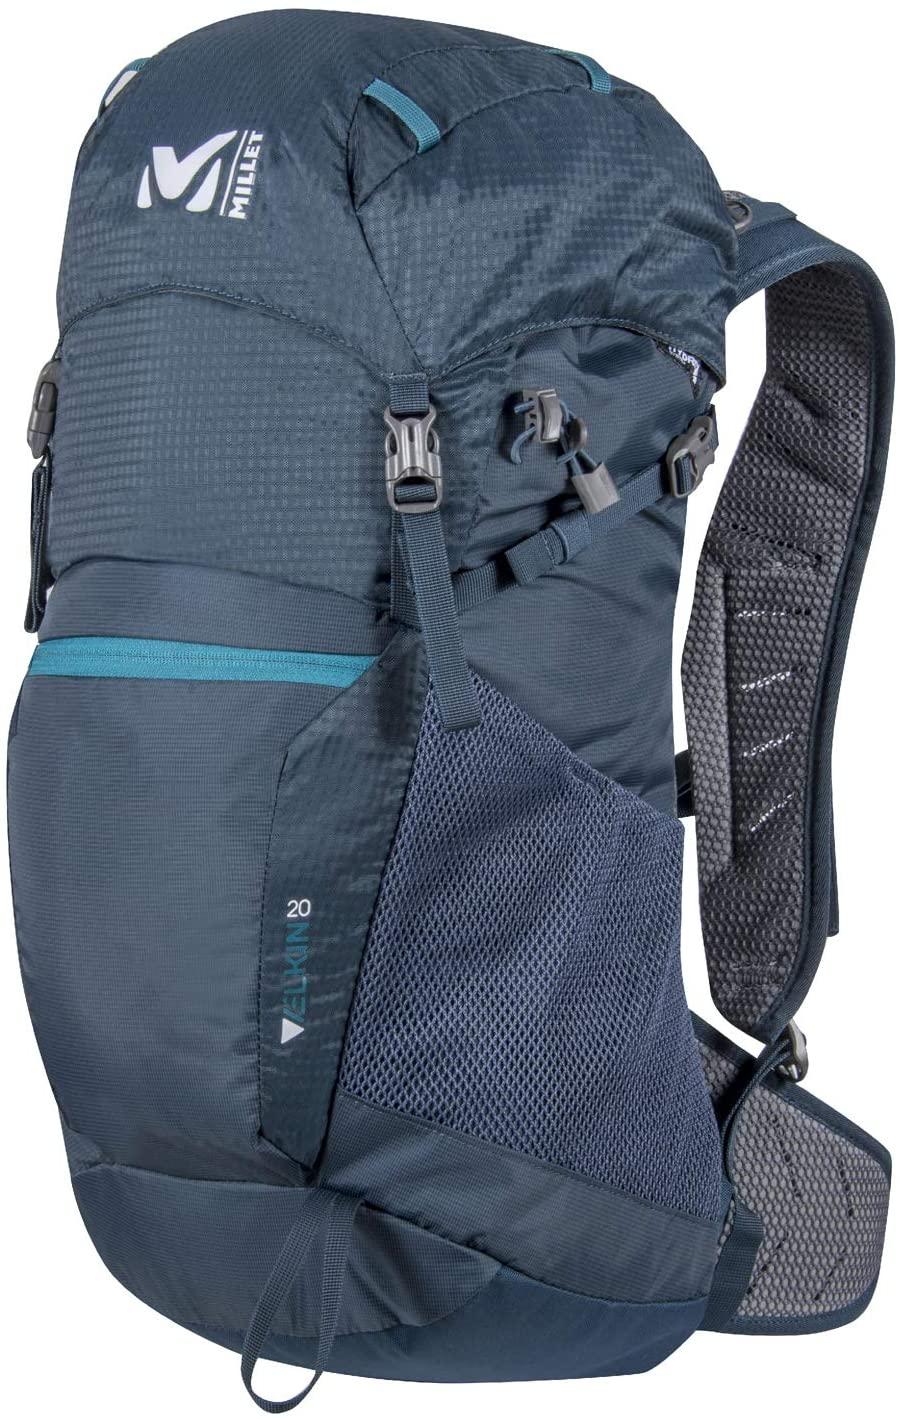 Preciazos en selección mochilas senderismo Millet Welkin